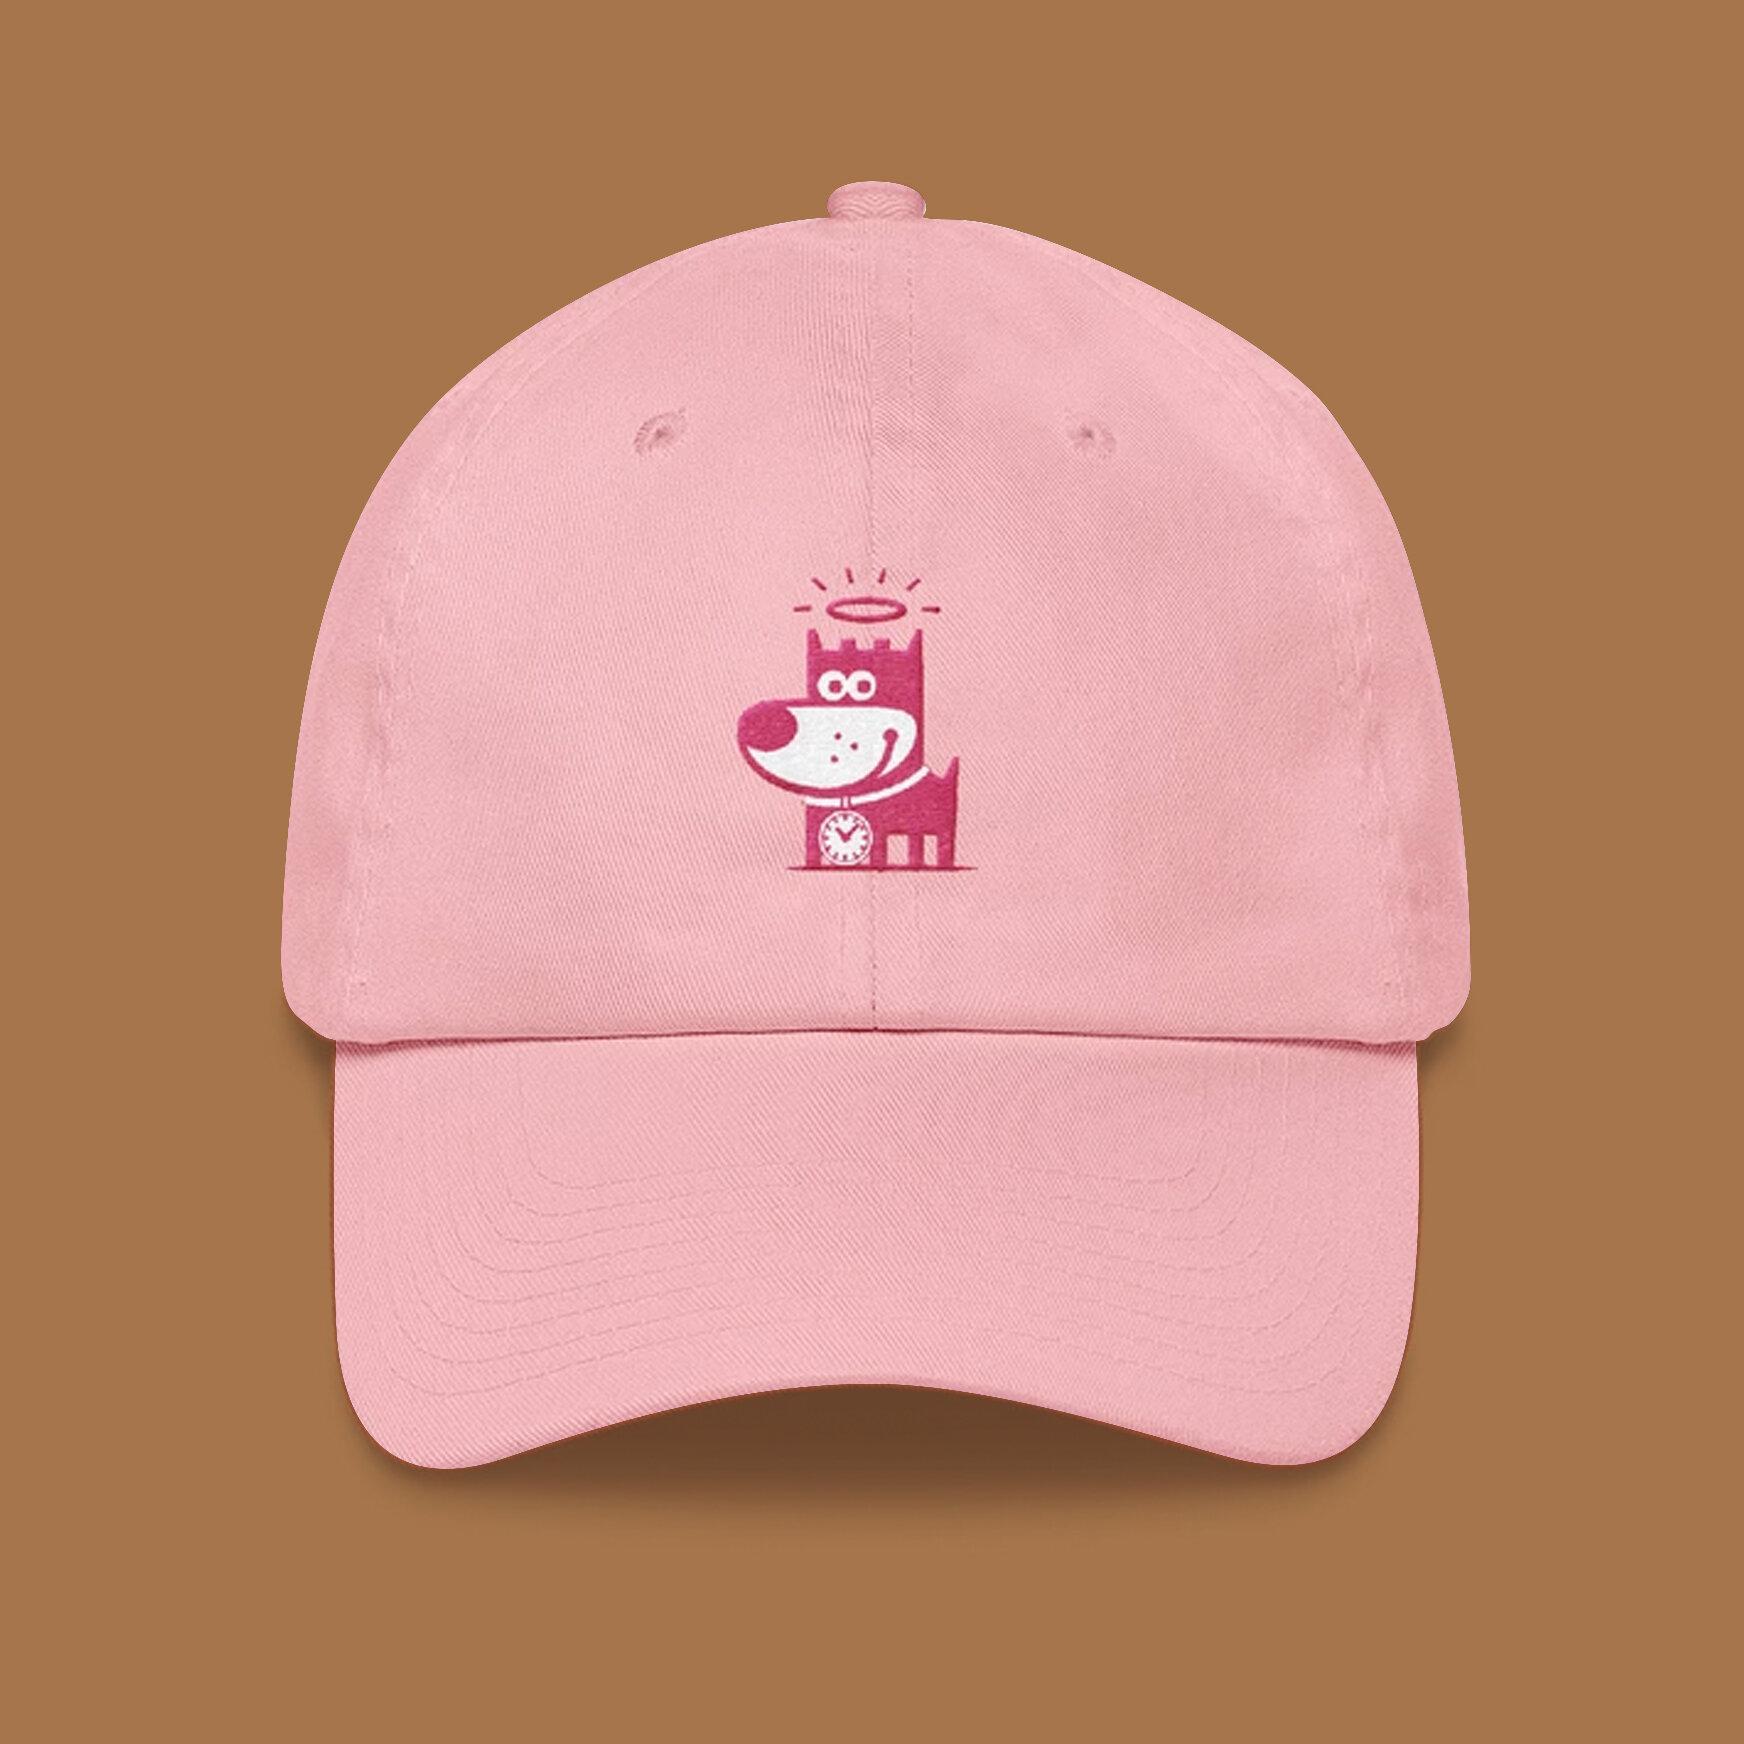 Good-Puppy-Hats-Unstructured-Baseball-Cap.jpg